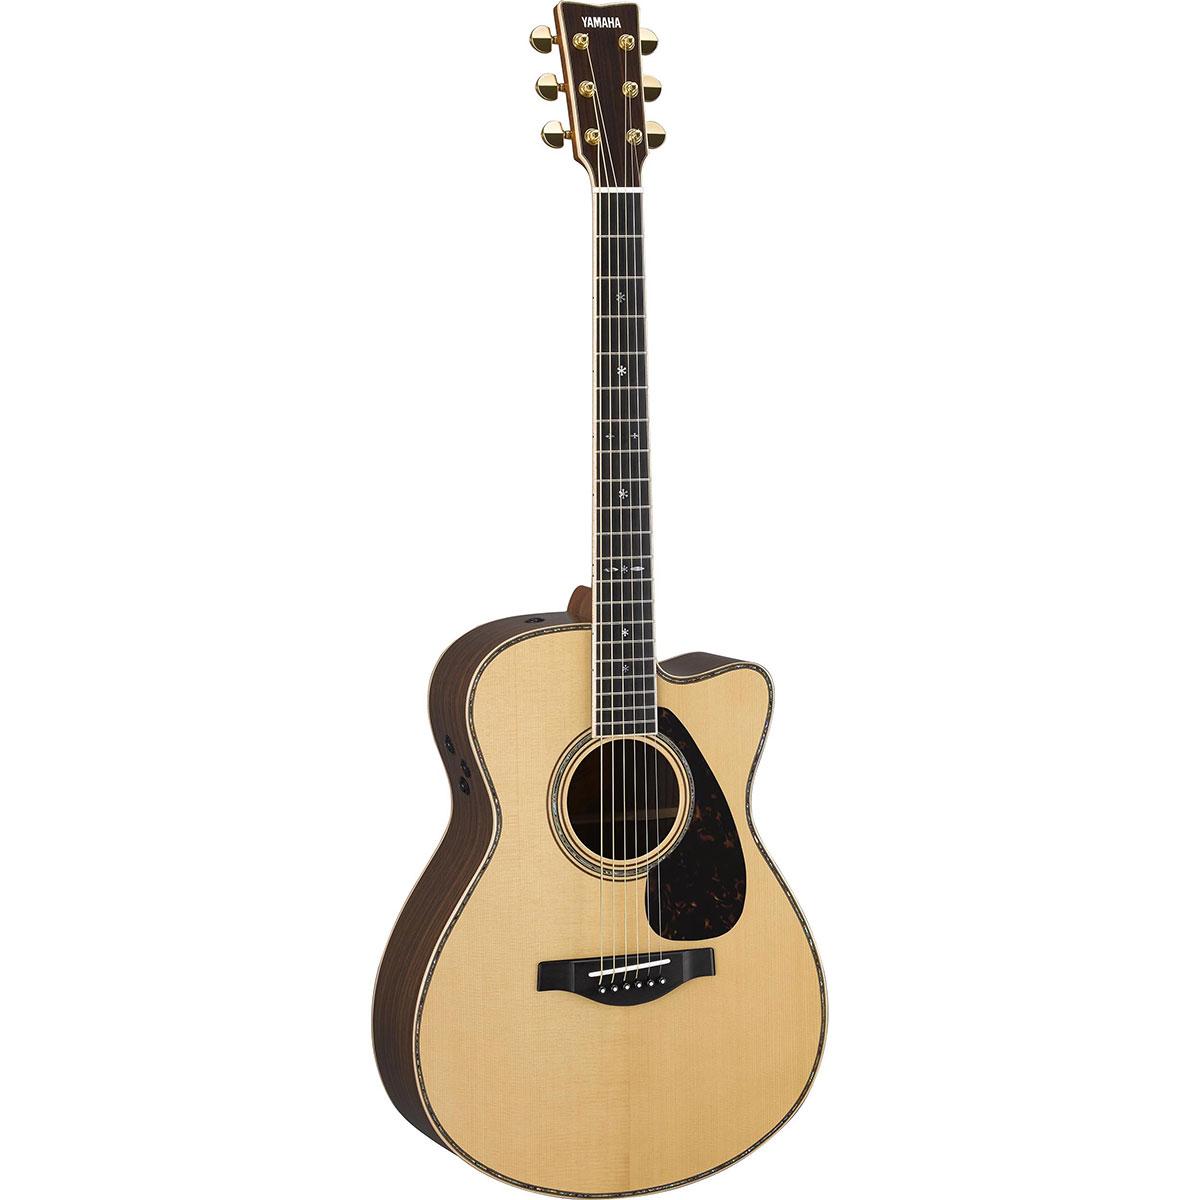 【受注生産】YAMAHA エレアコギター LSX36C ARE / Natural